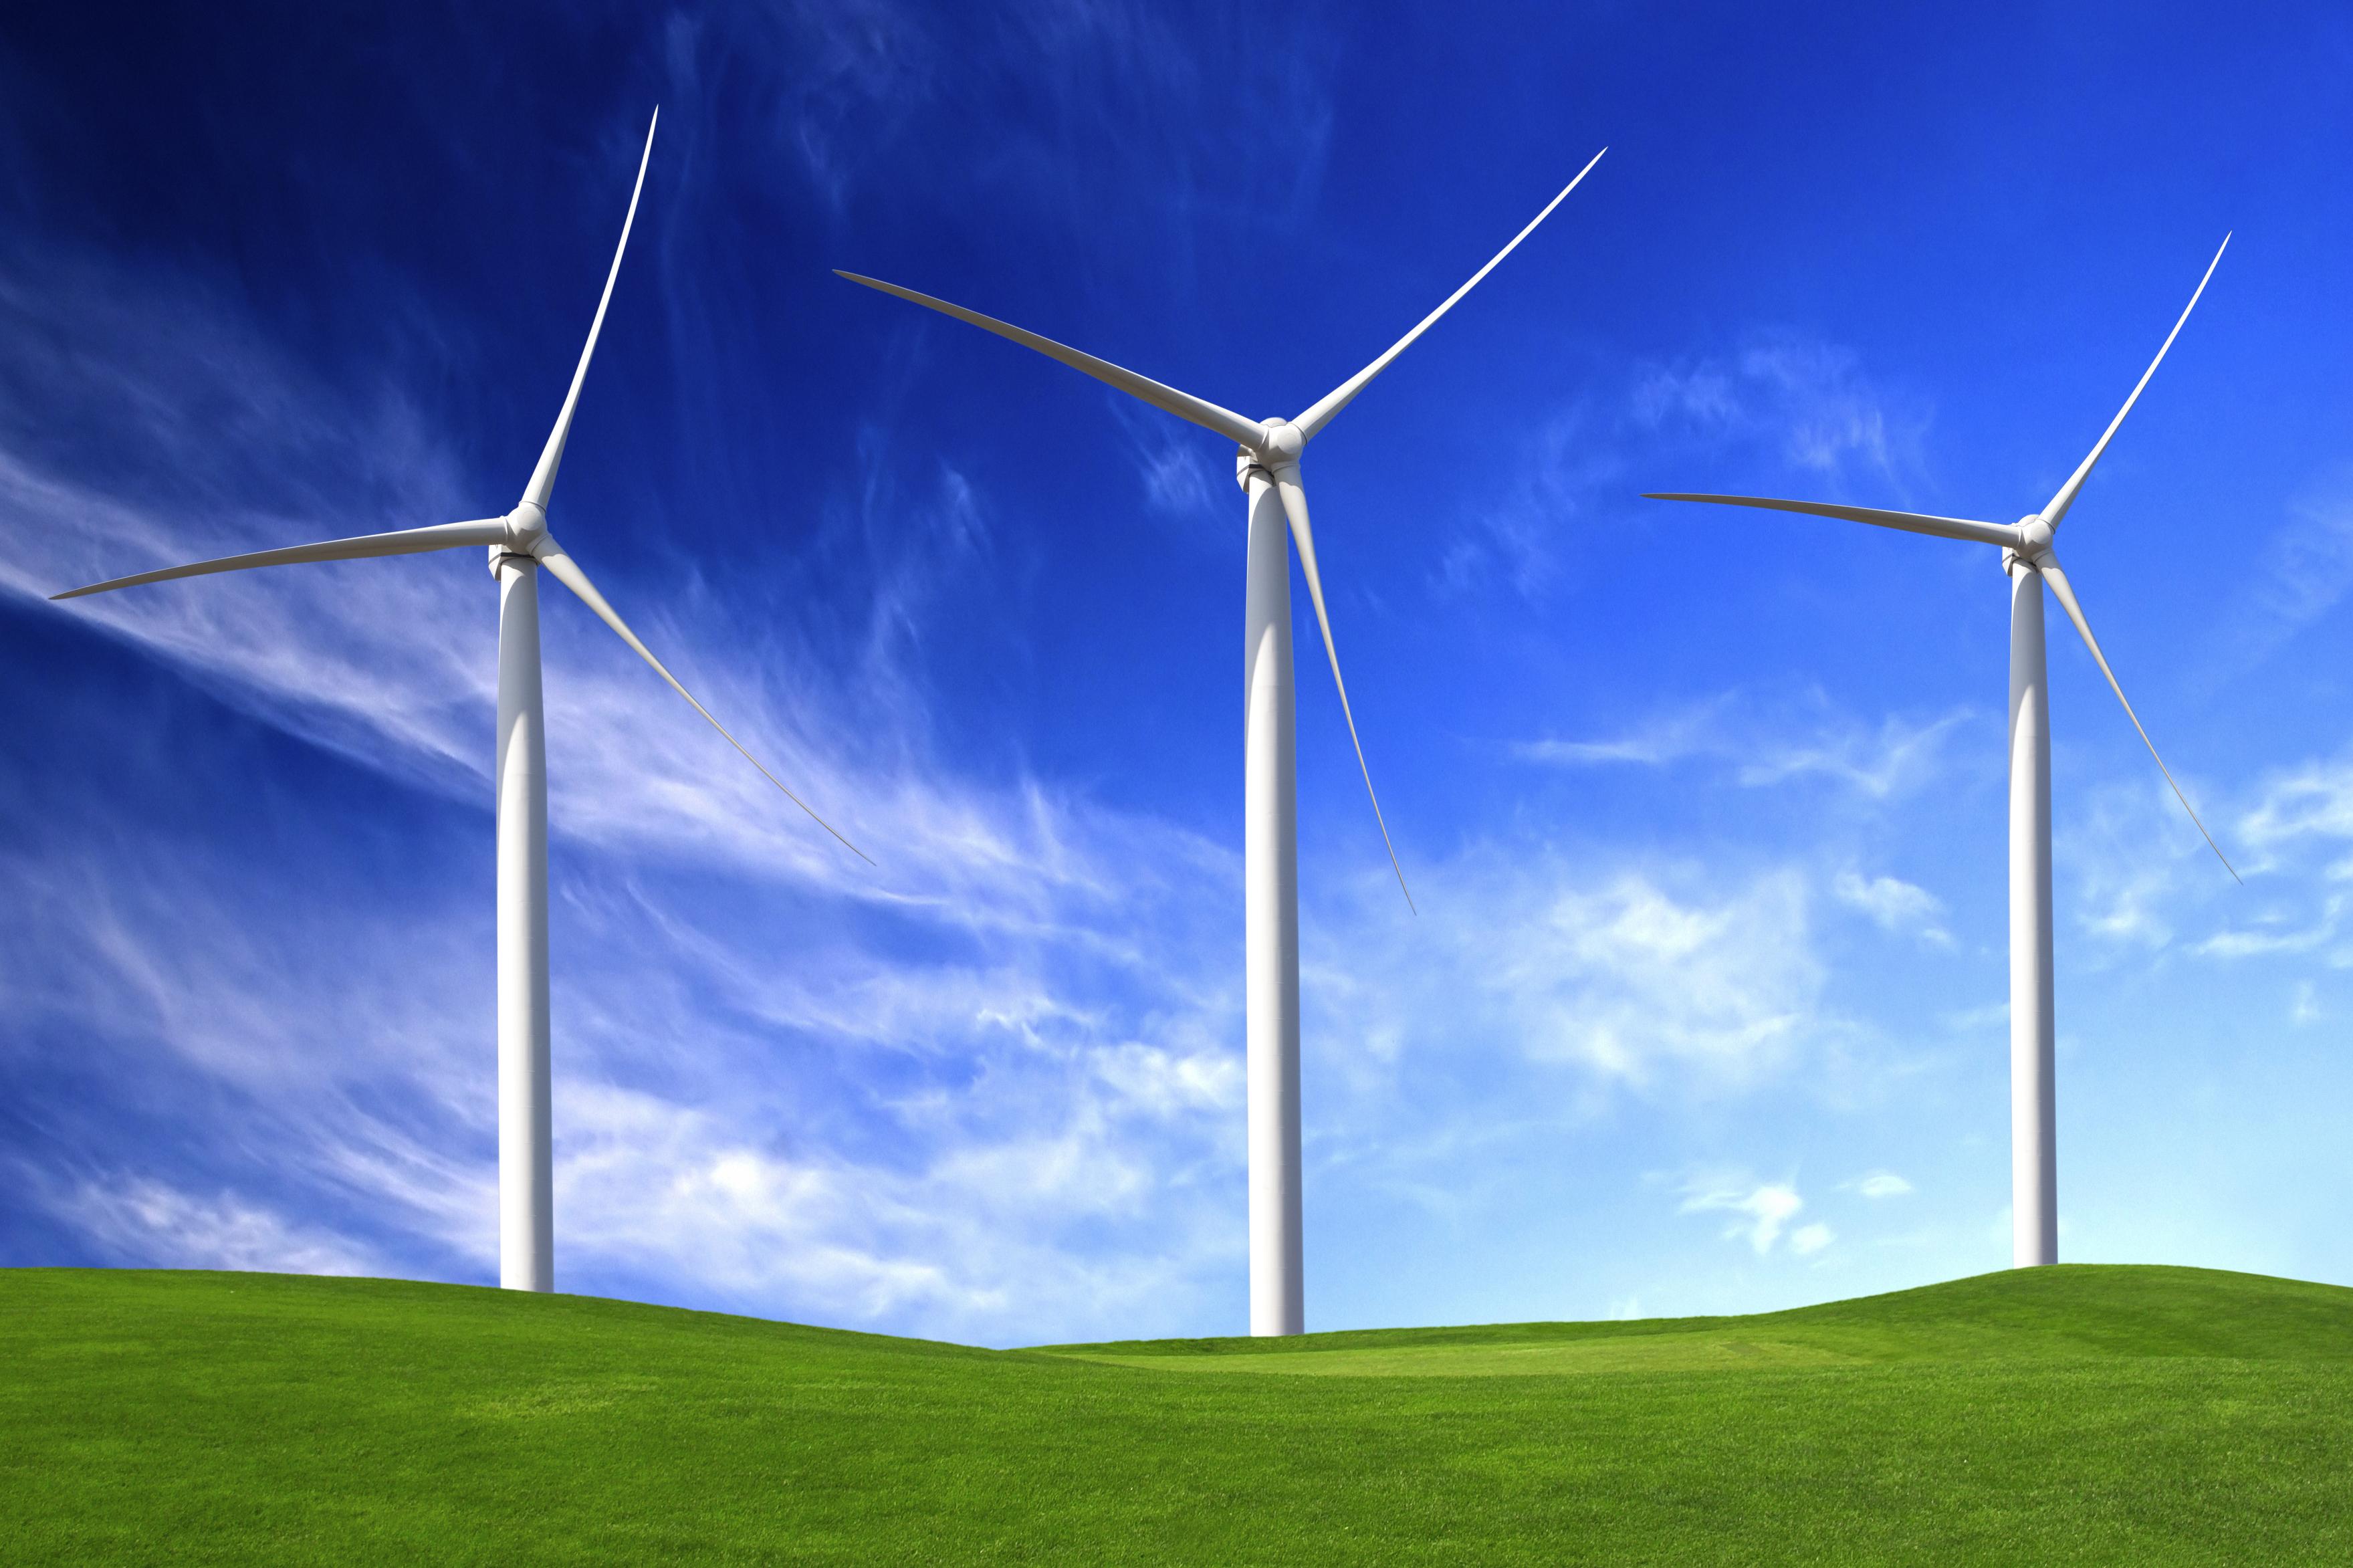 3 vindmøller i grønt landskap og blå himmel